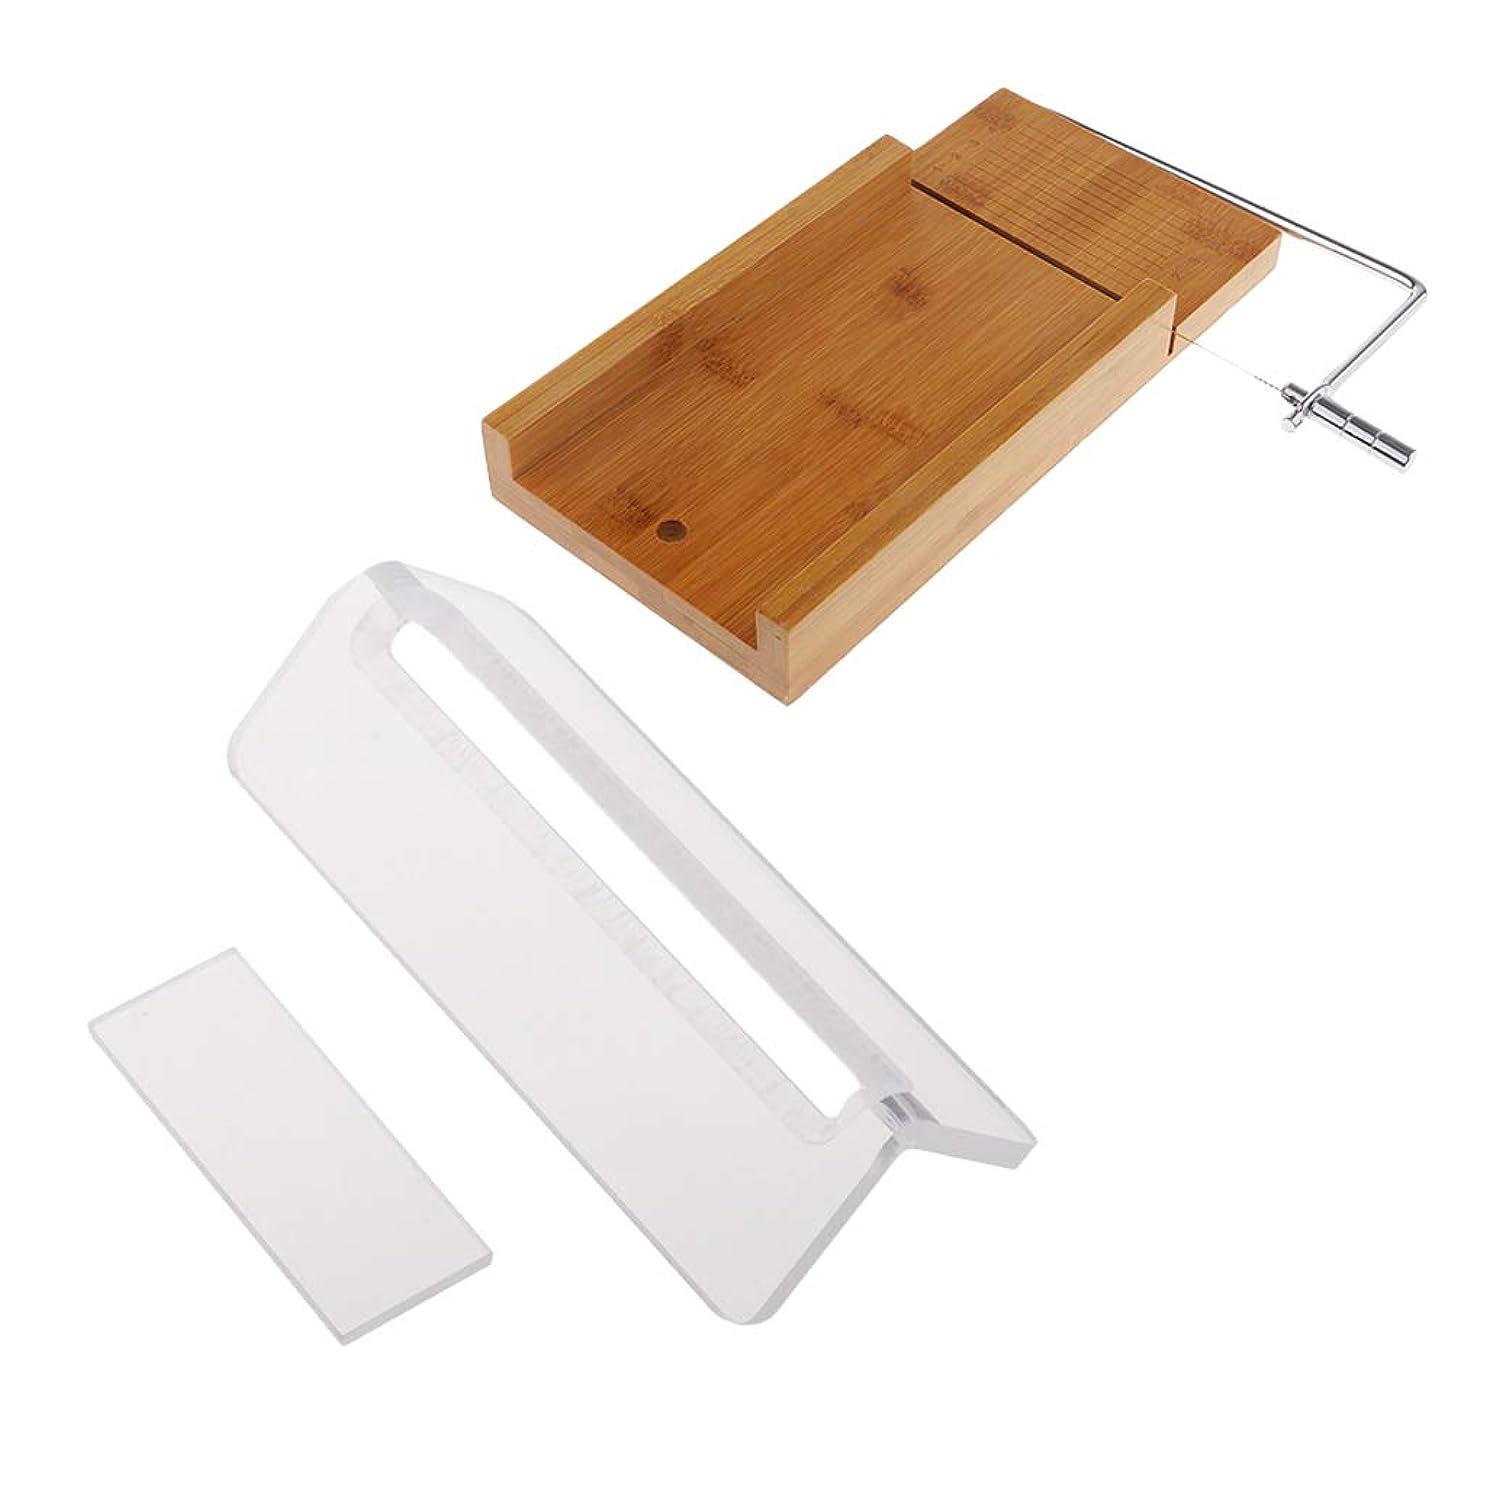 待ってコンチネンタルれんがFLAMEER ローフカッター 木製 ソープ包丁 石鹸カッター 手作り石鹸 DIY キッチン用品 2個入り